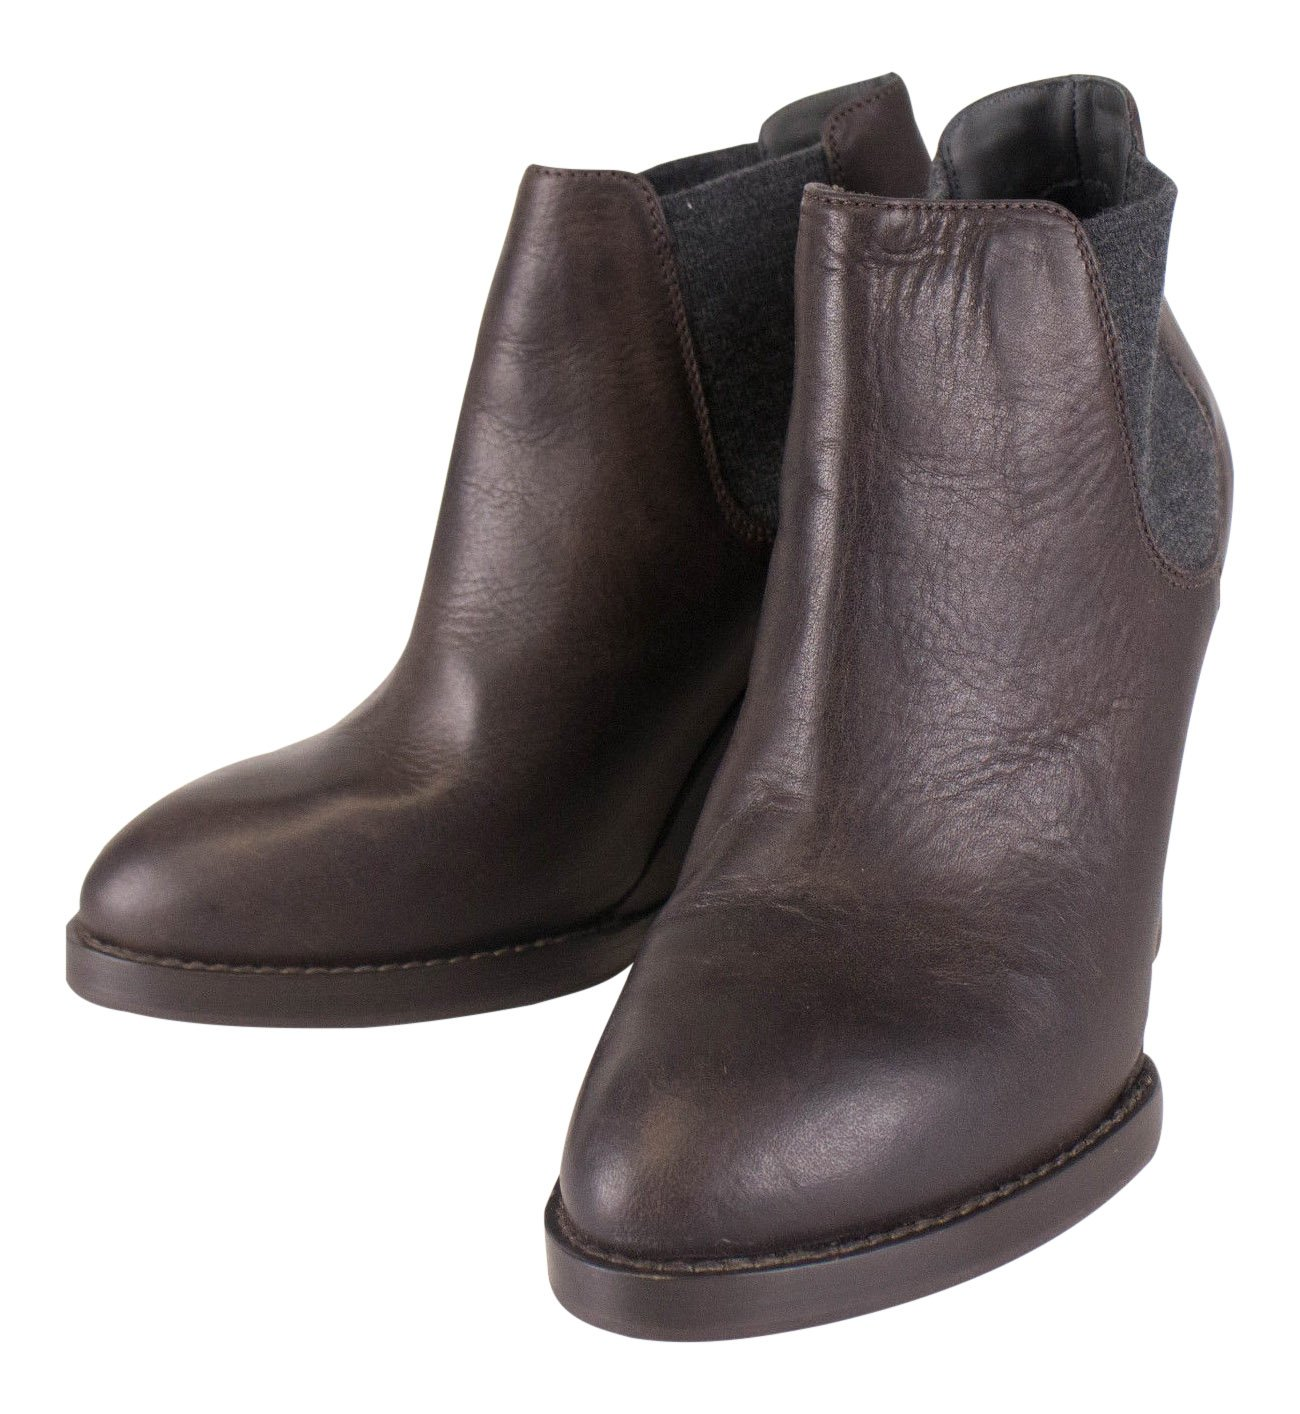 Brunello Cucinelliブラウンレザーブーツサイズ36.5 / 6.5   B01NASCXCT